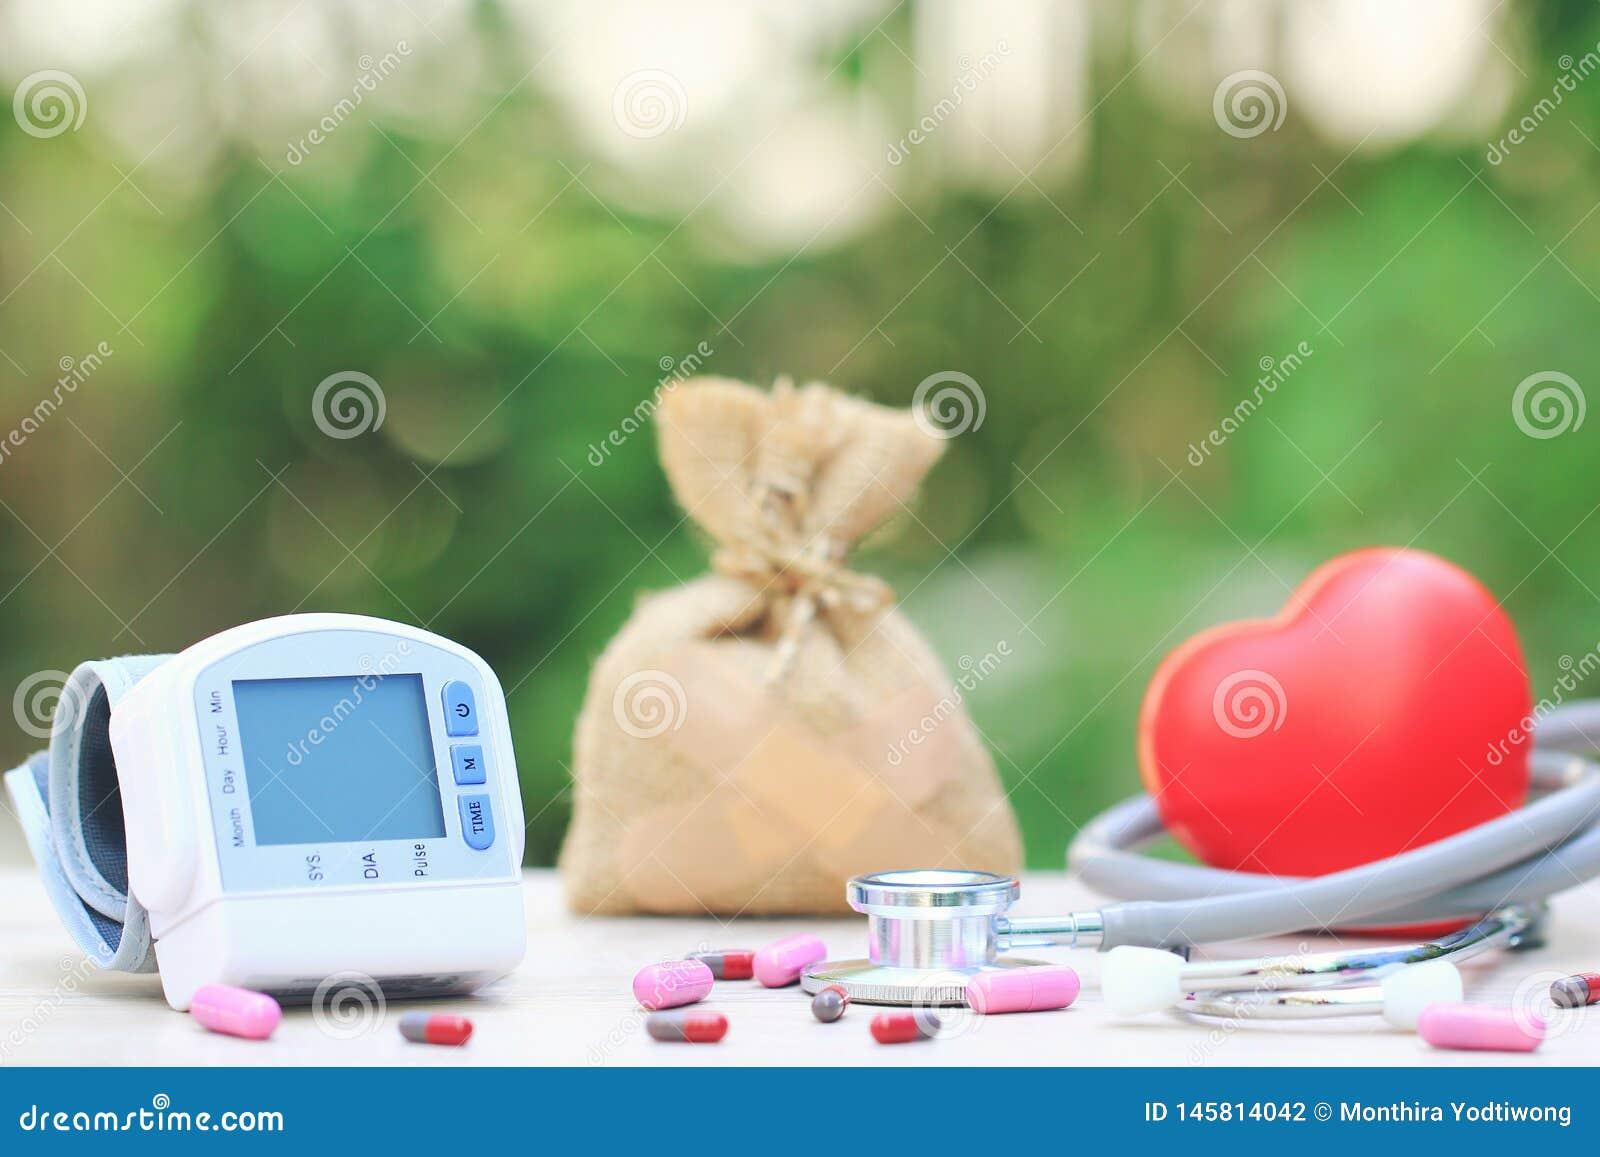 Medische tonometer voor het meten van bloeddruk met stethoscoop en rood hart op groene achtergrond, Medische kost en Gezondheid